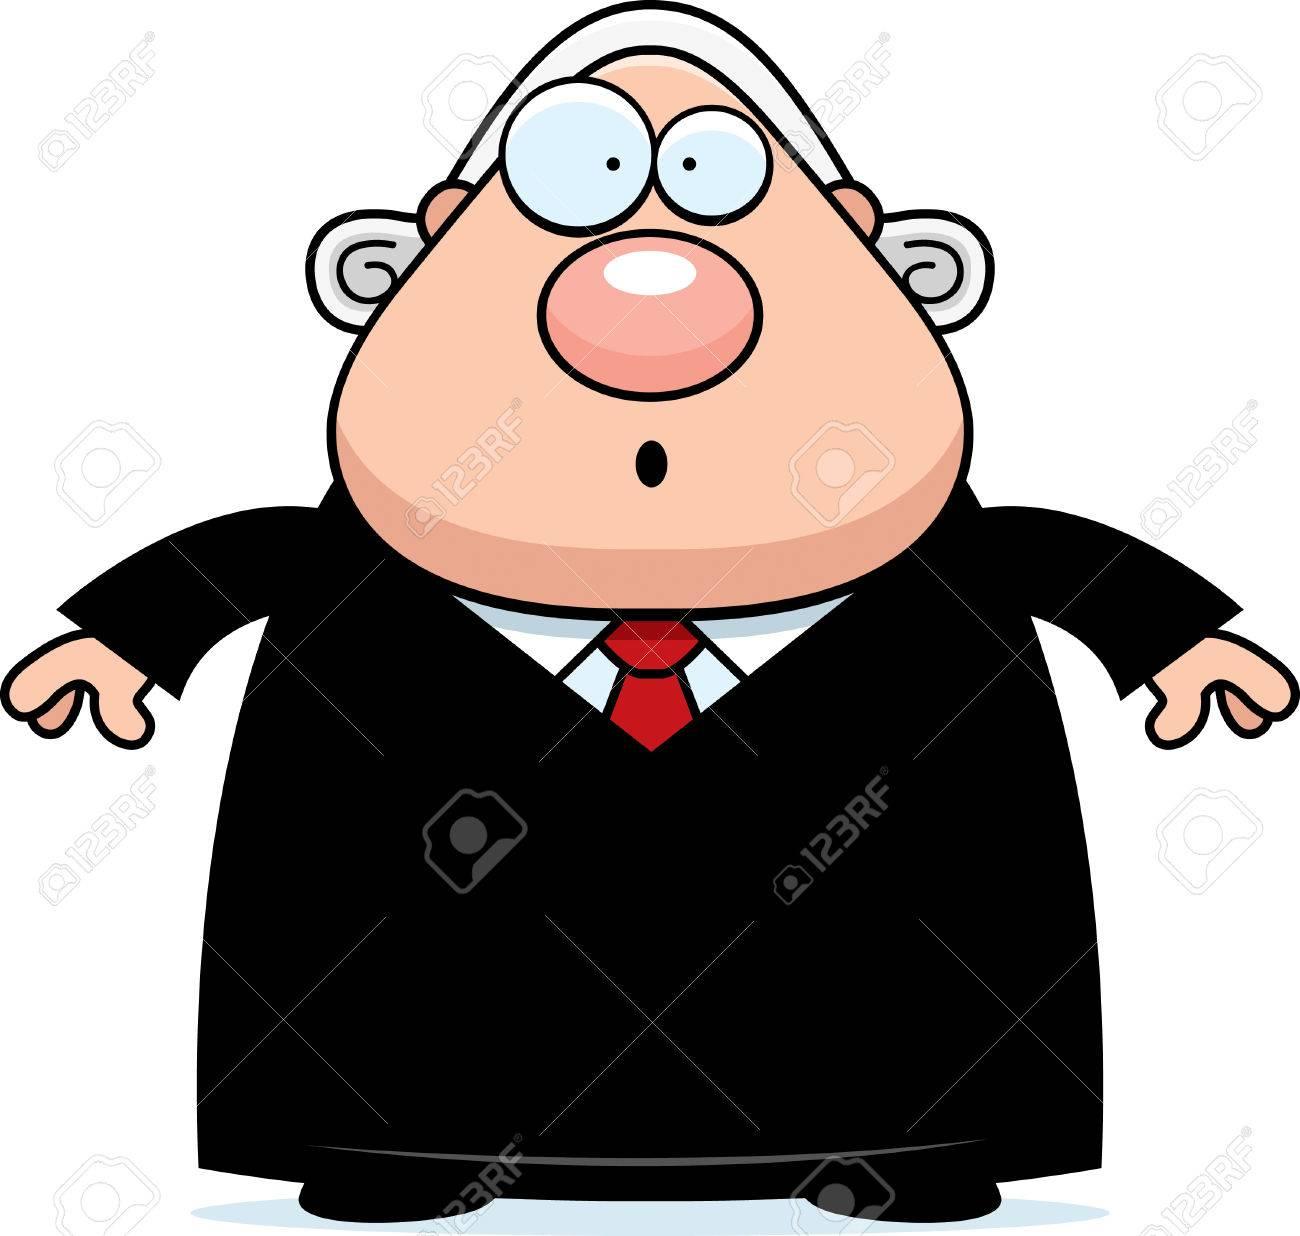 見てみるとビックリ裁判官の漫画イラスト。 ロイヤリティフリークリップ